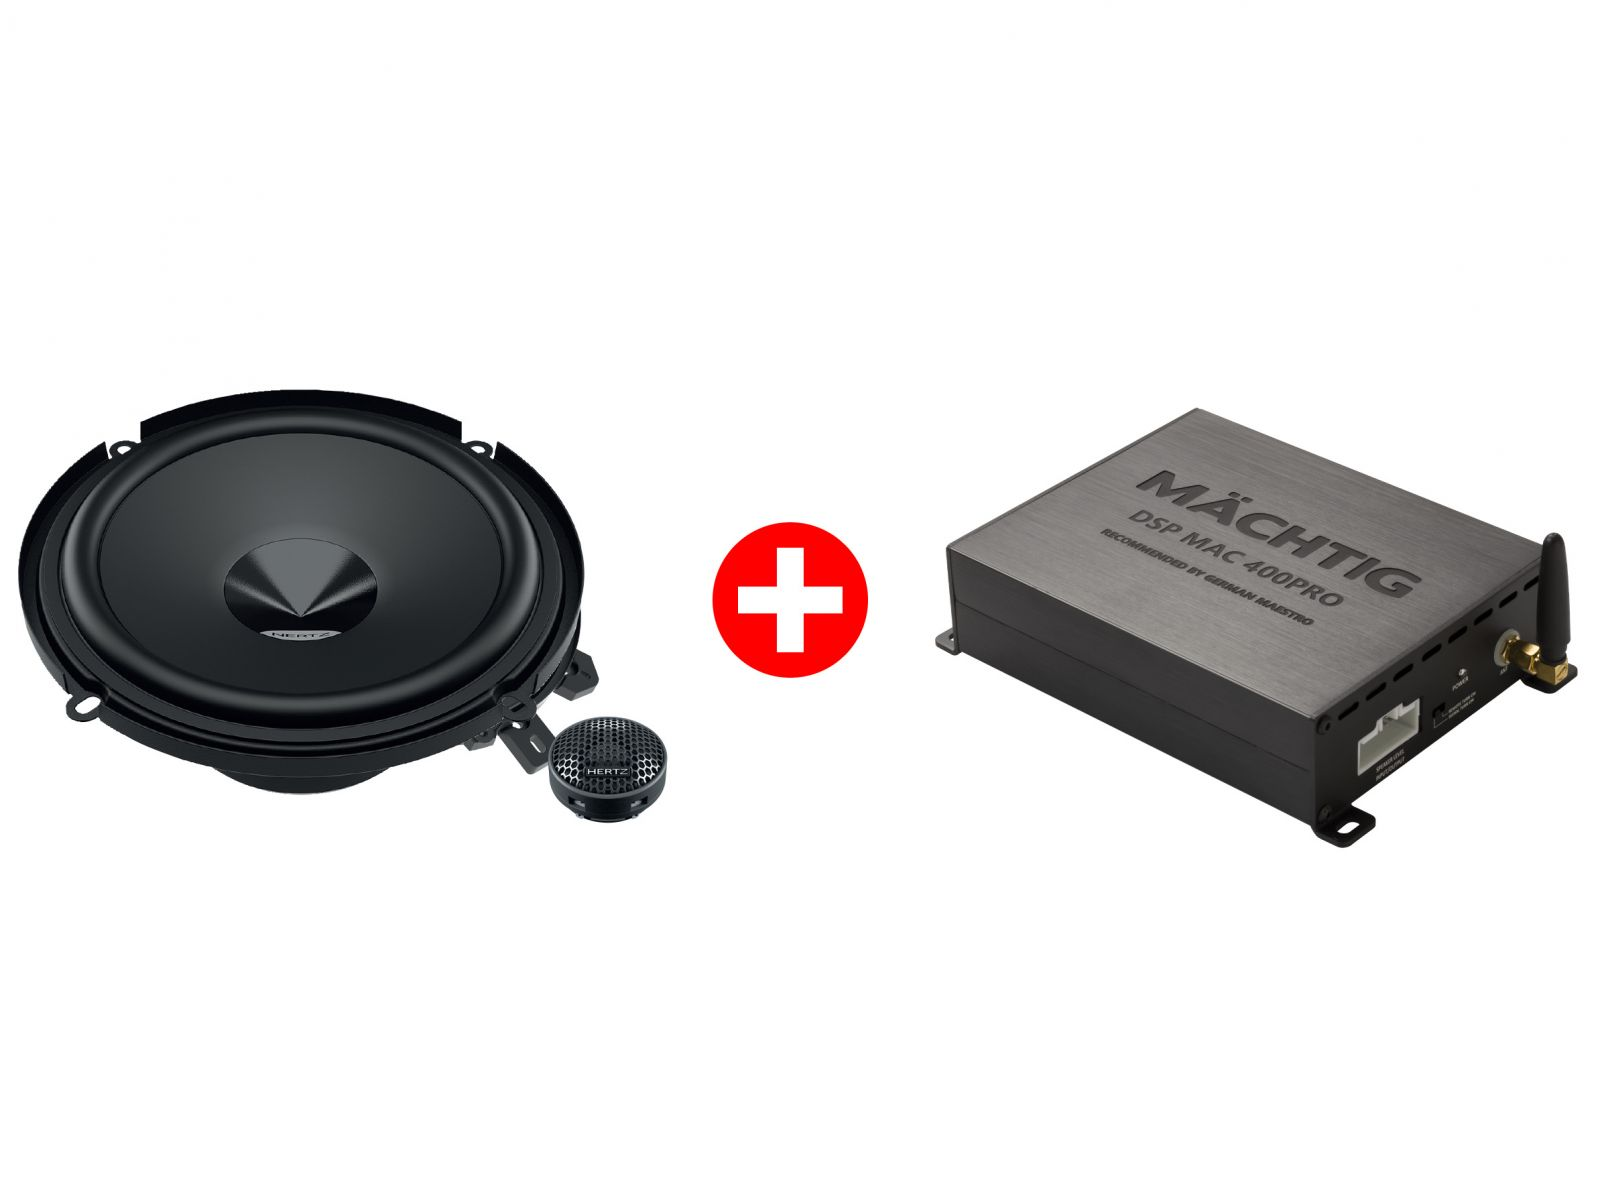 Hertz DSK160.3 2-Way Component Speakers (With Machtig DSP Mac 400Pro Processor)